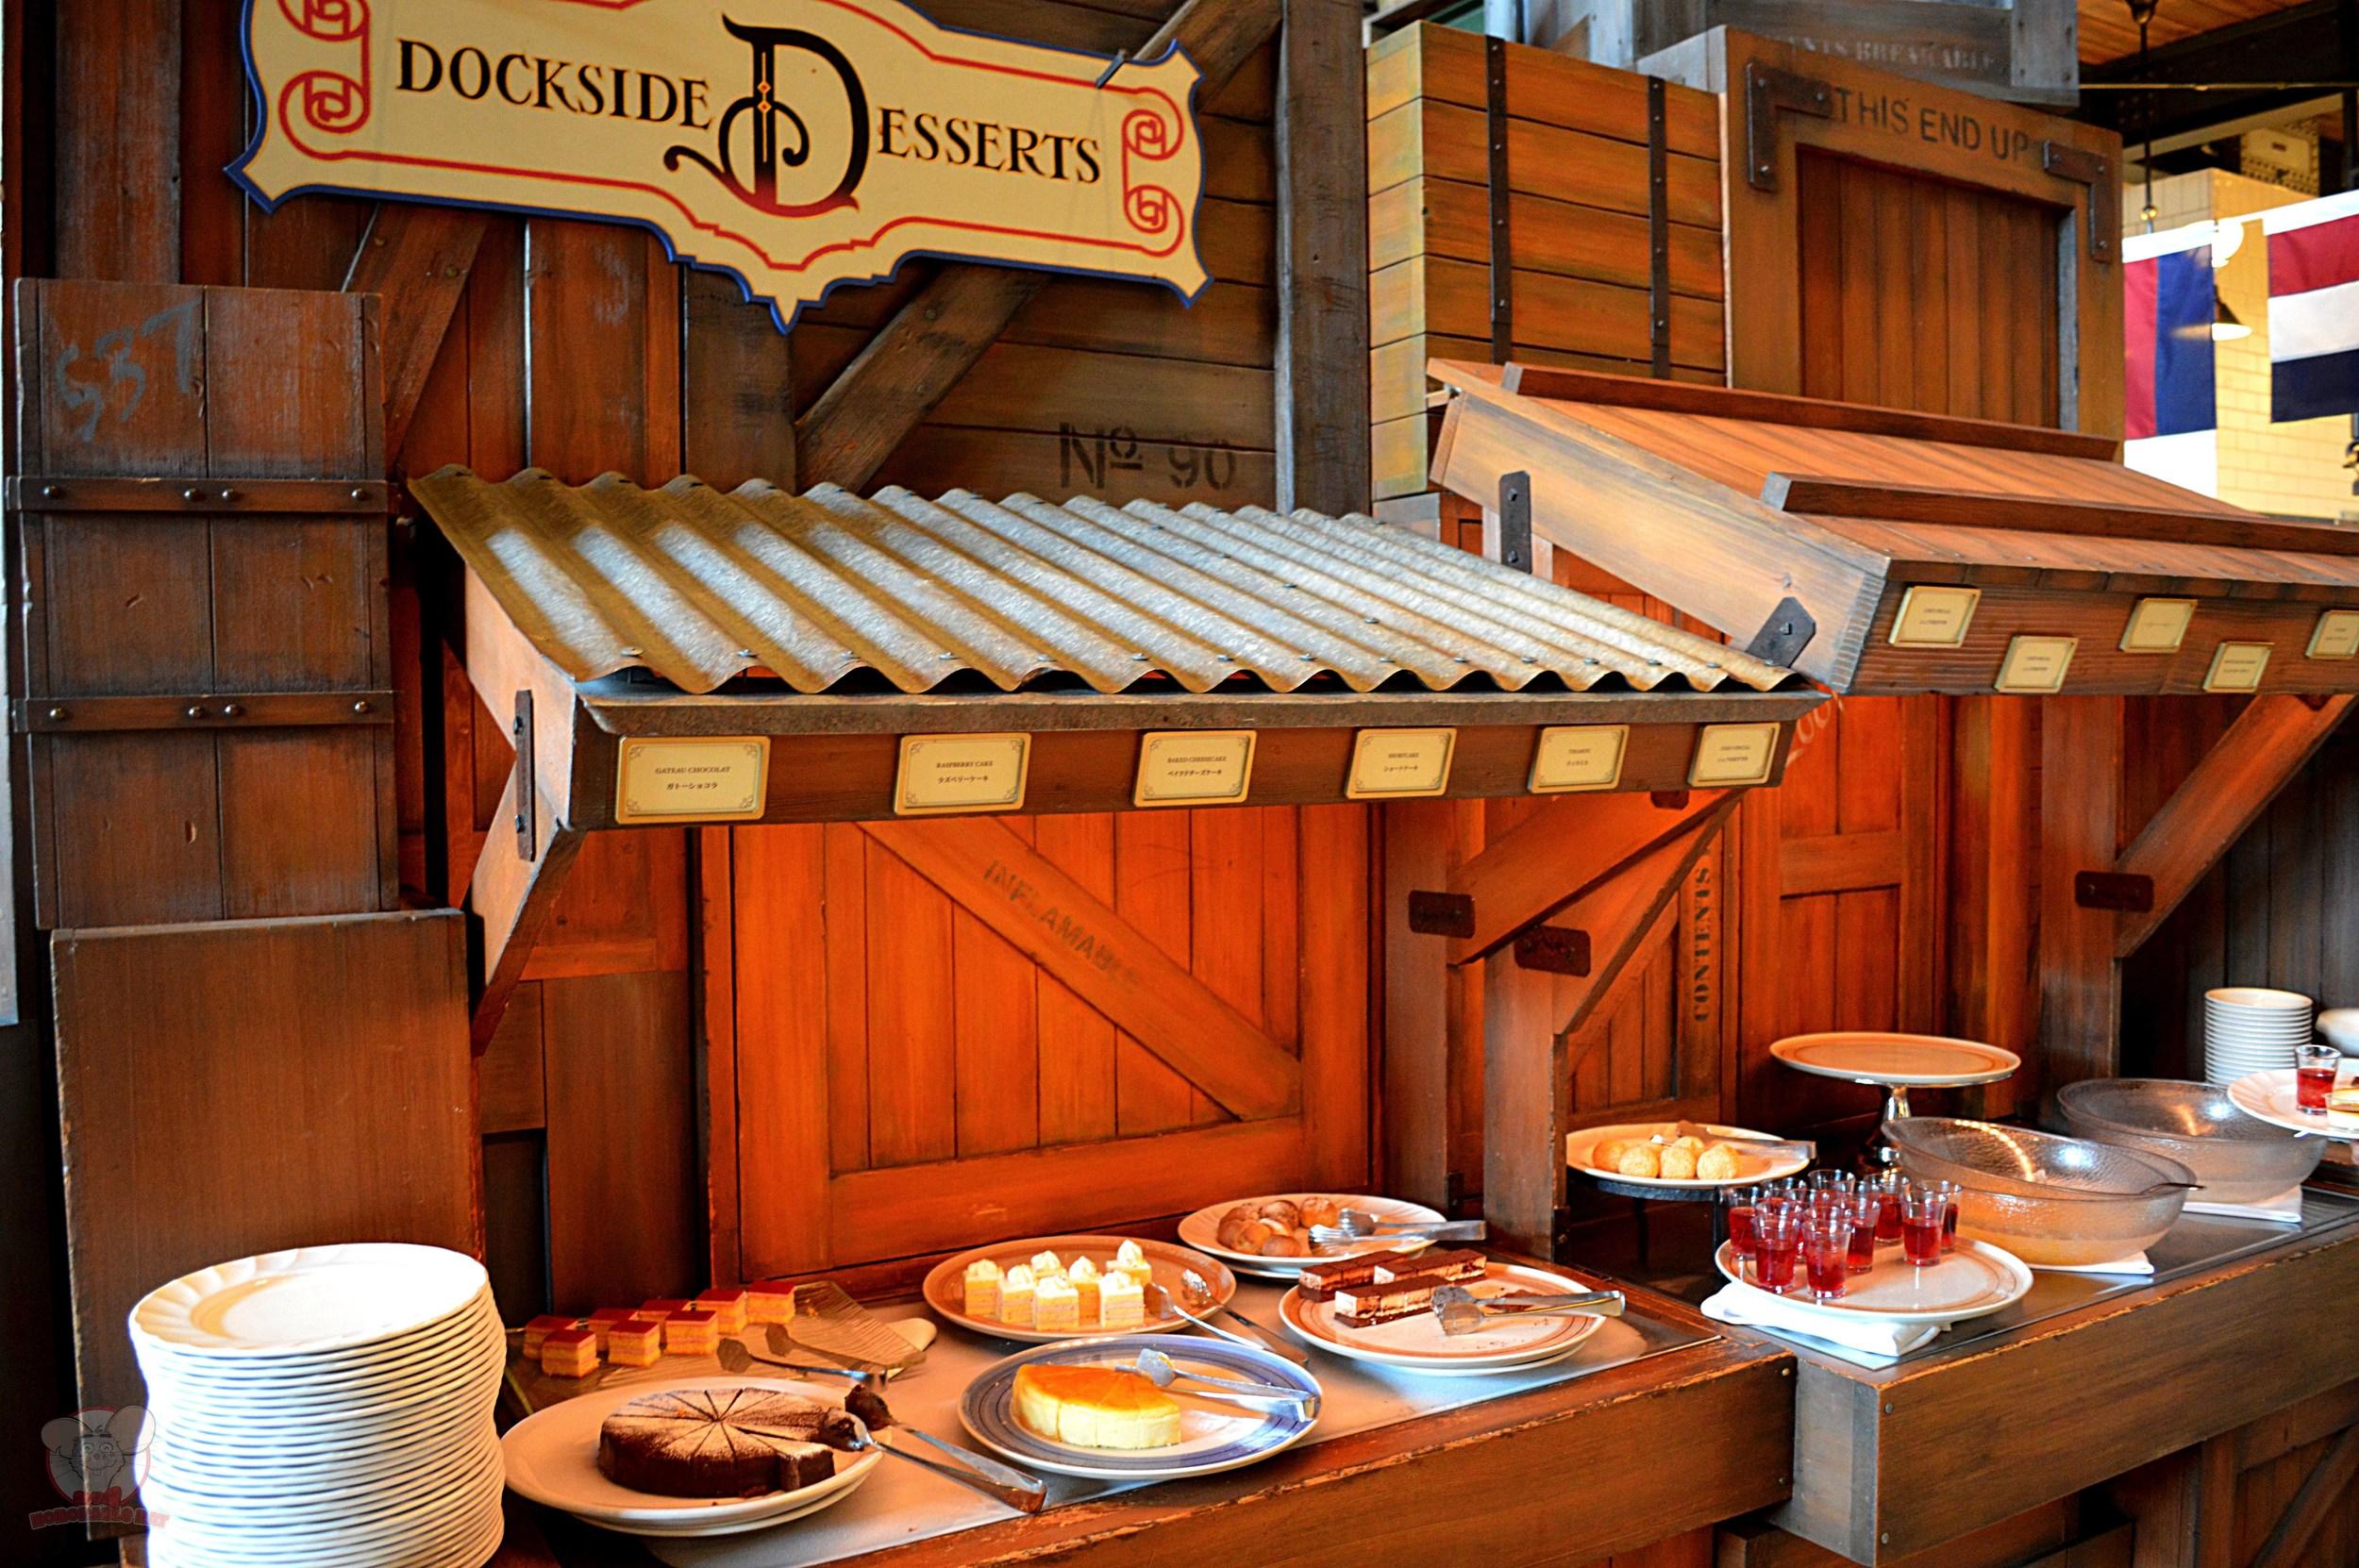 Dockside Desserts